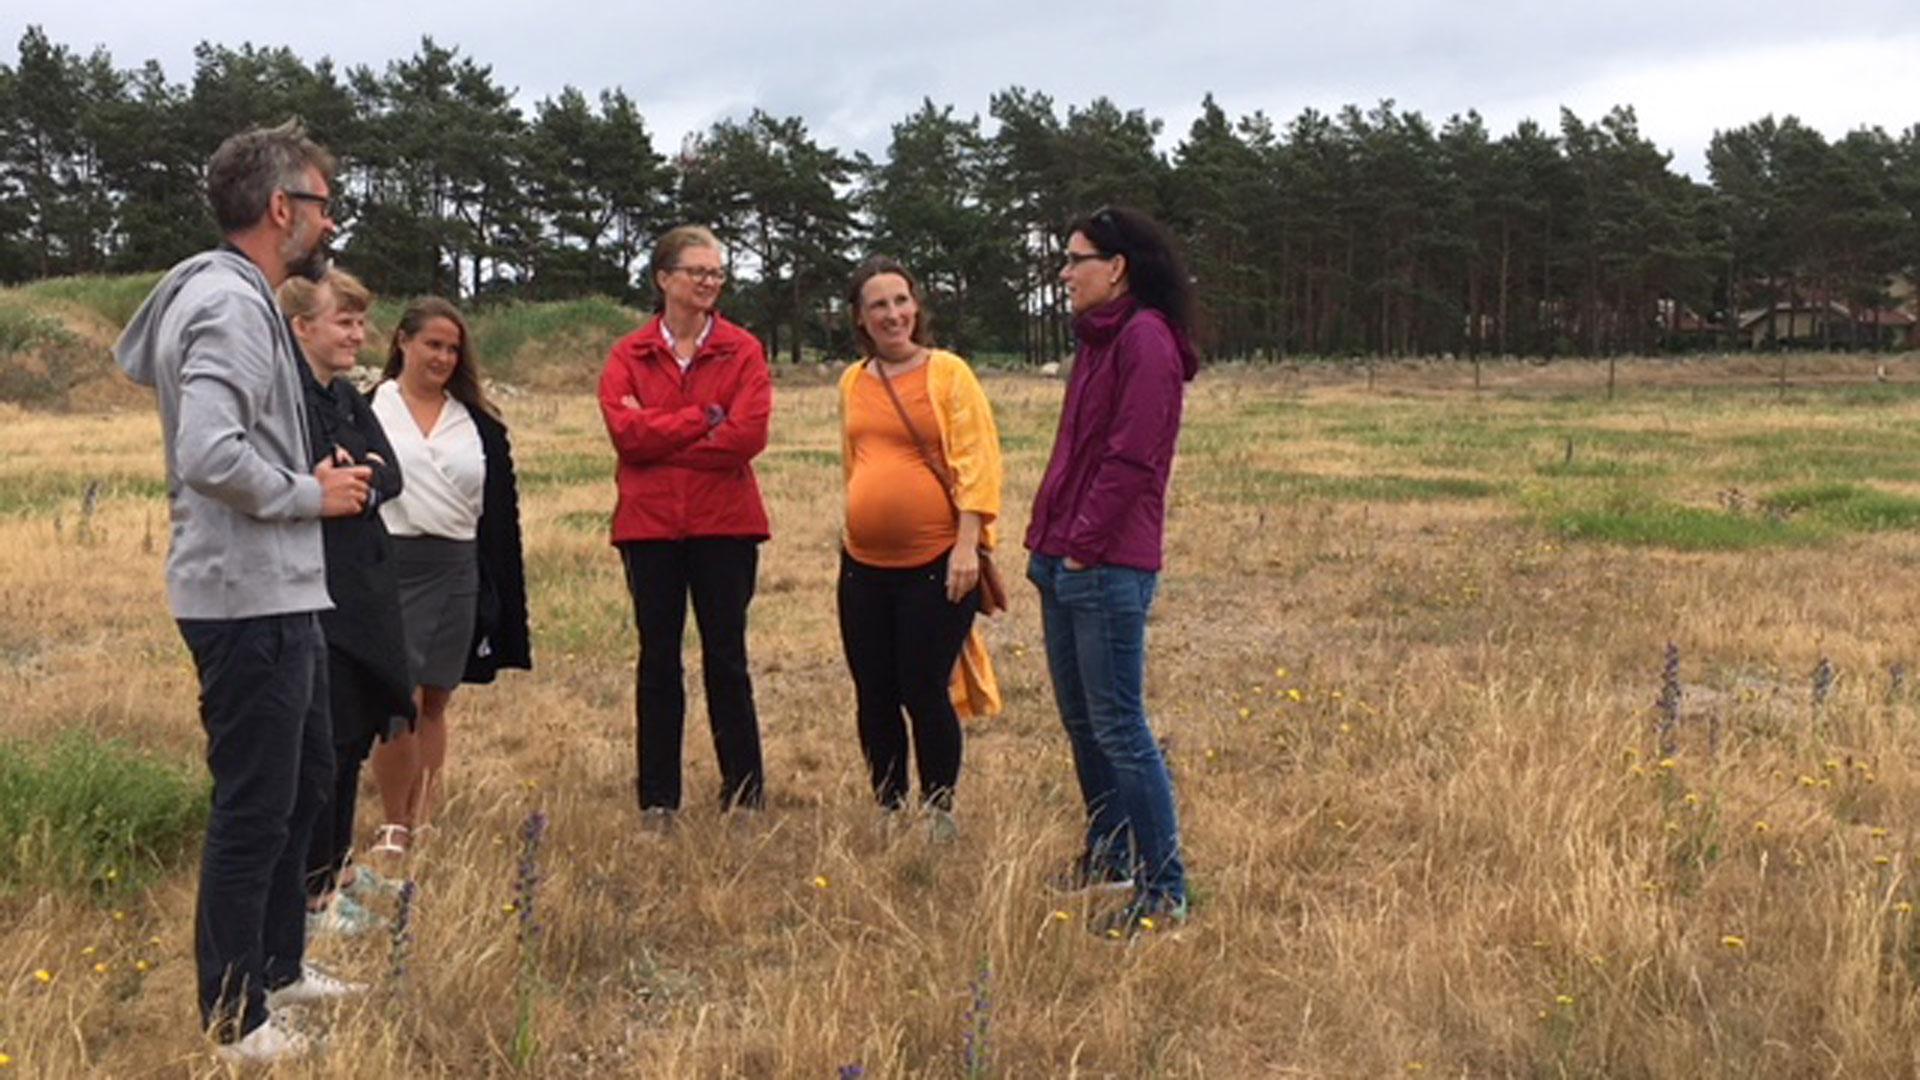 Forskningsgruppen Lucsus från Lunds universitet besöker Transval Foto: Carina Wettemark